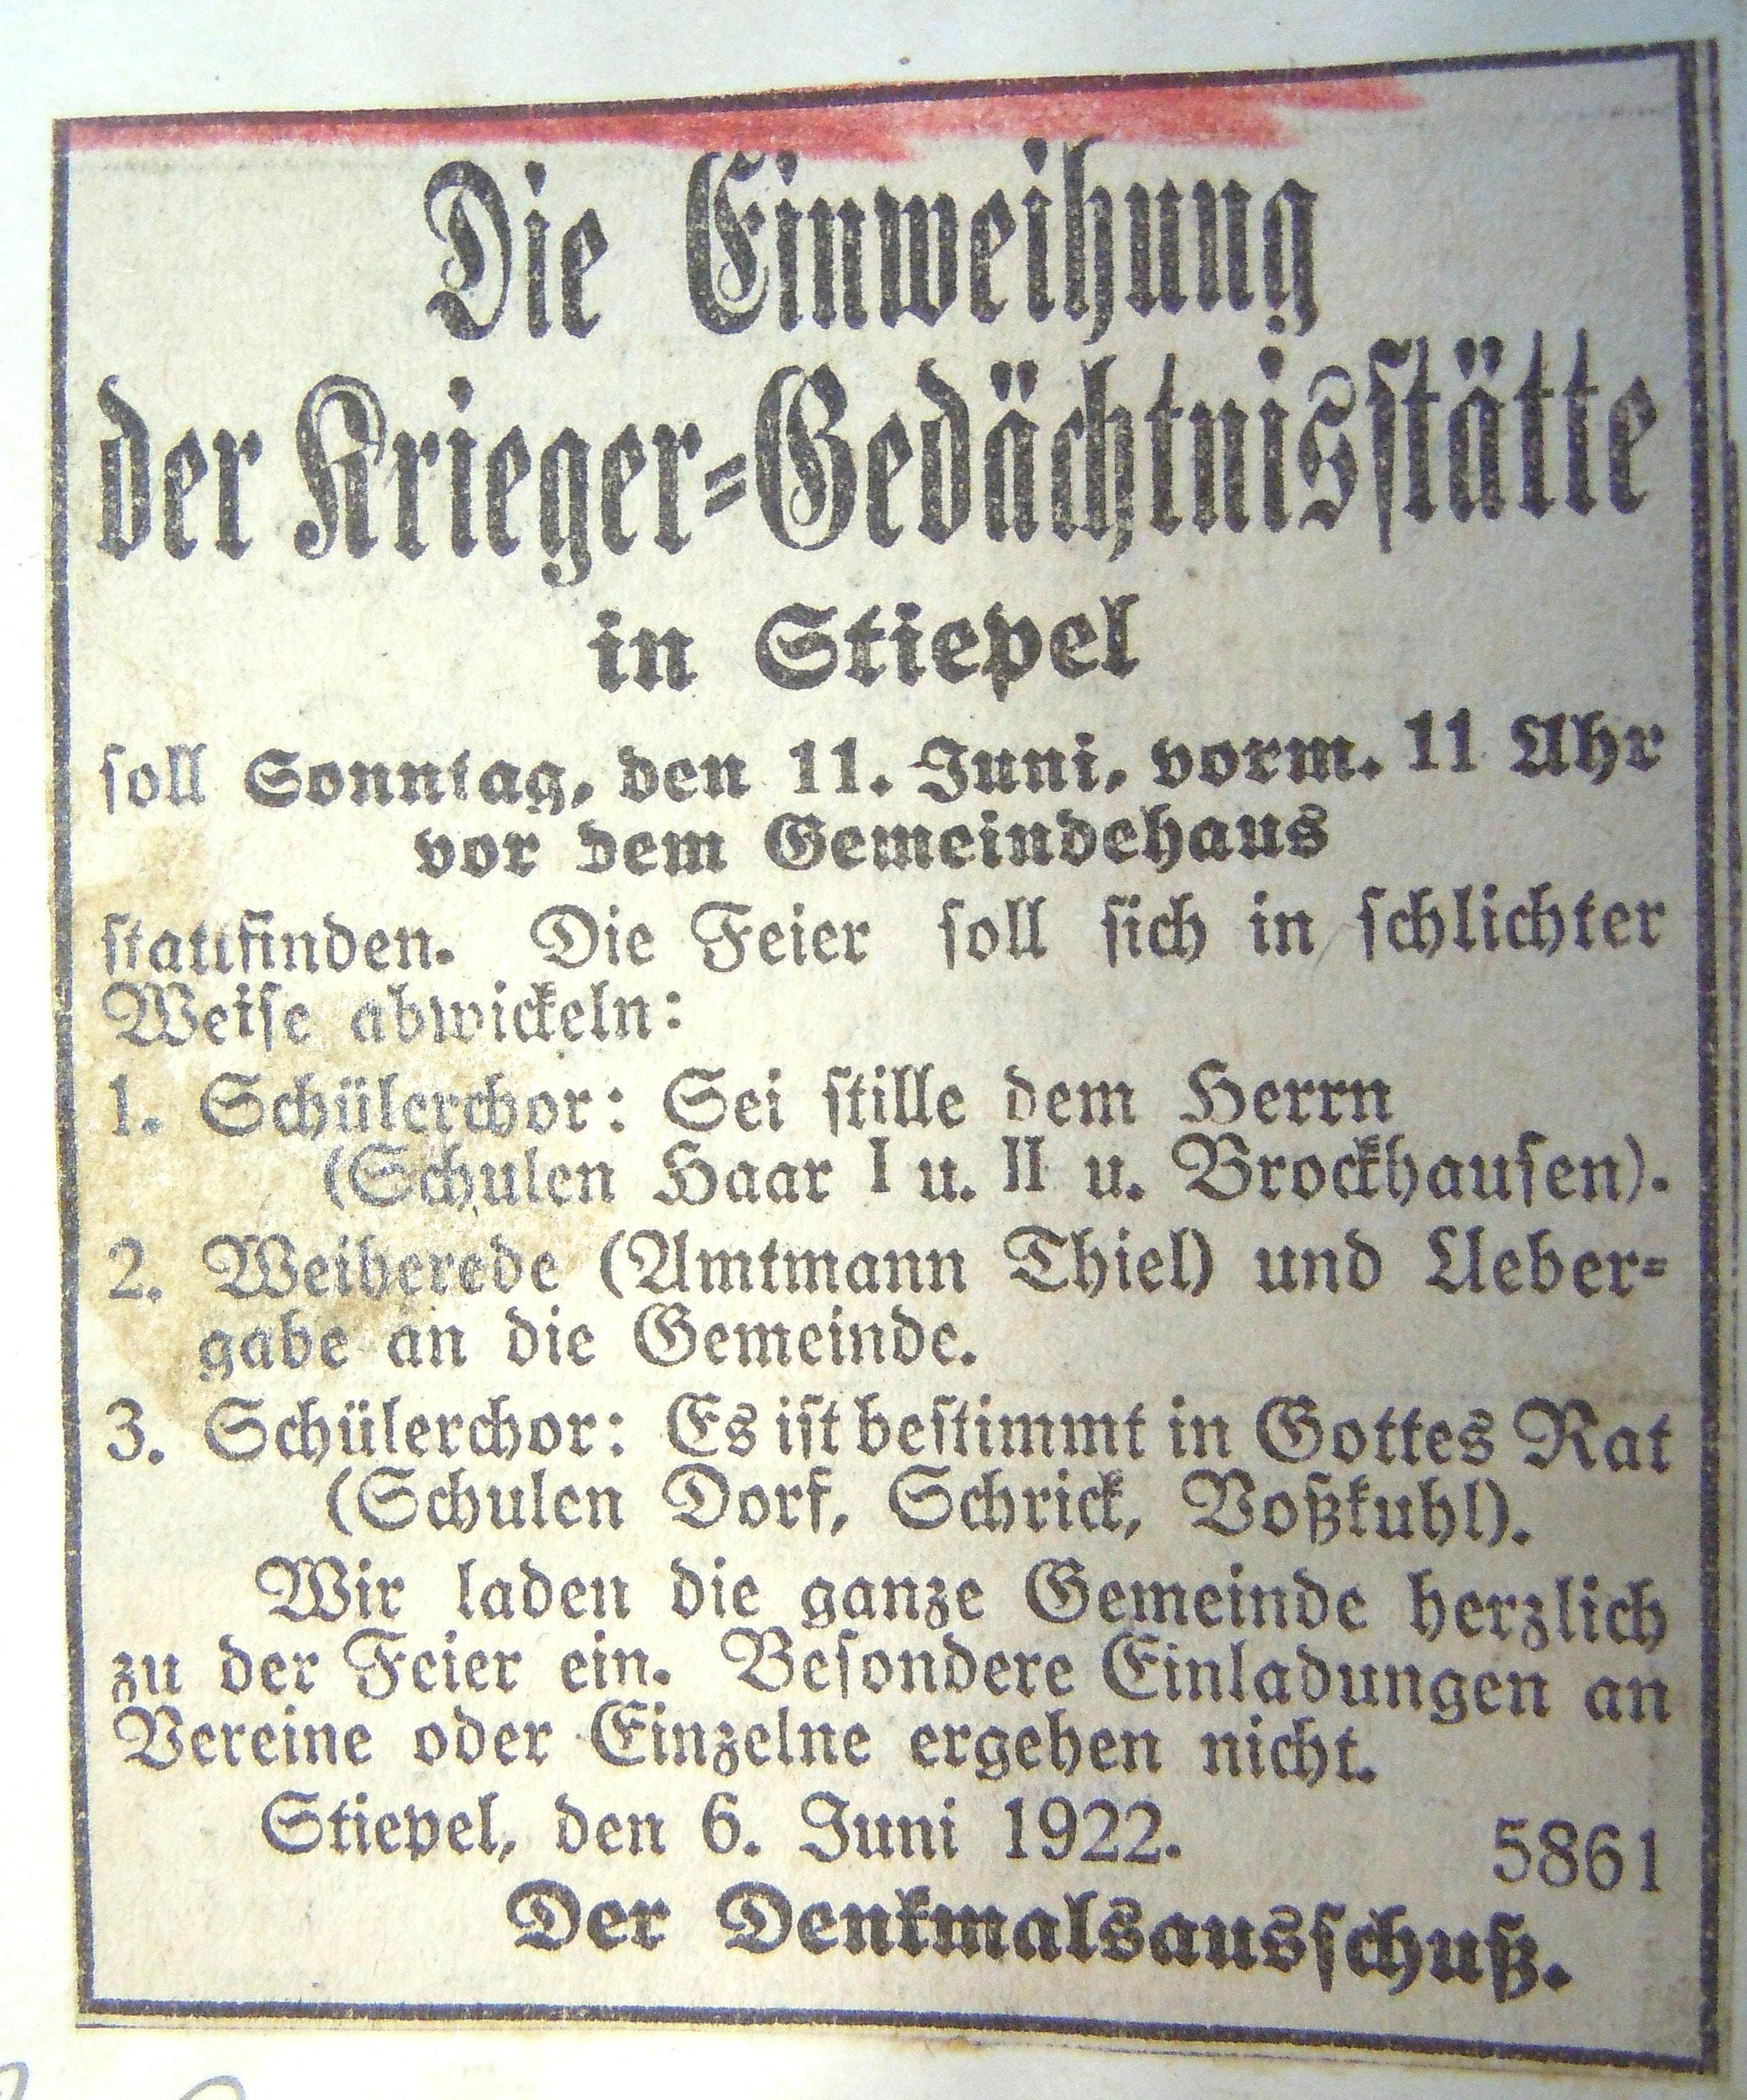 Anzeige aus der Hattinger Zeitung